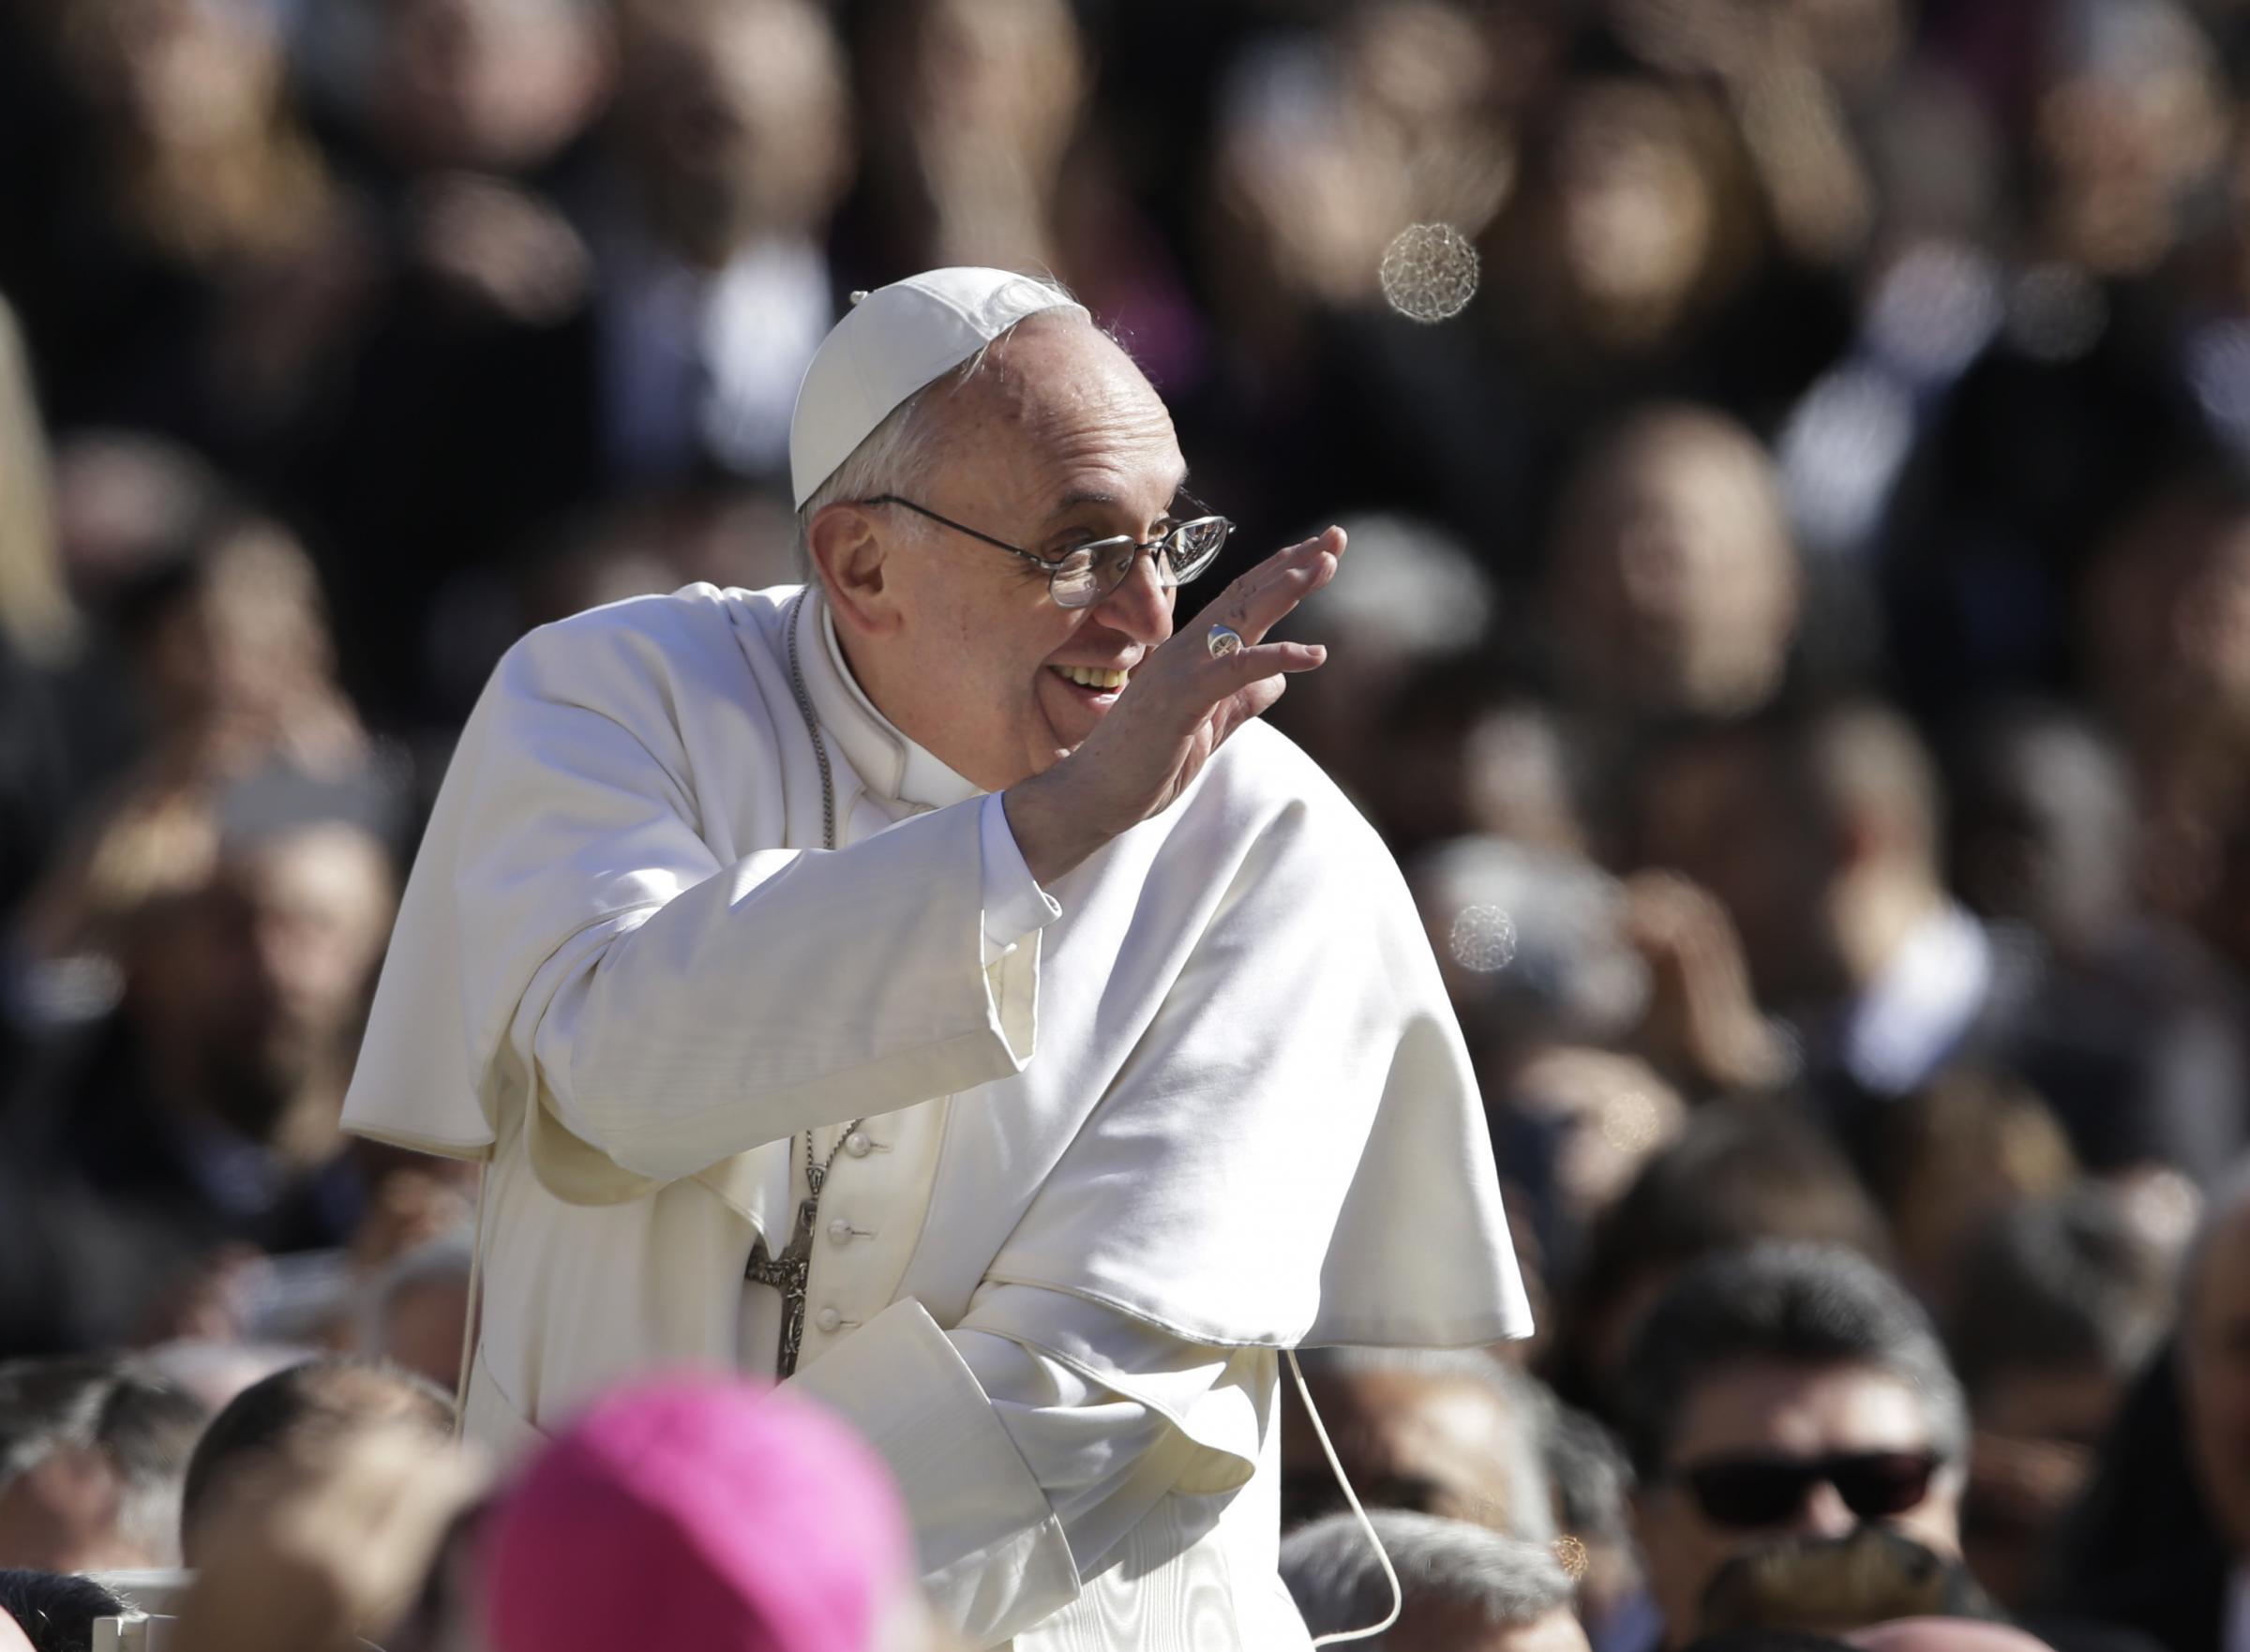 Il sogno di un Papa Francesco anche in politica